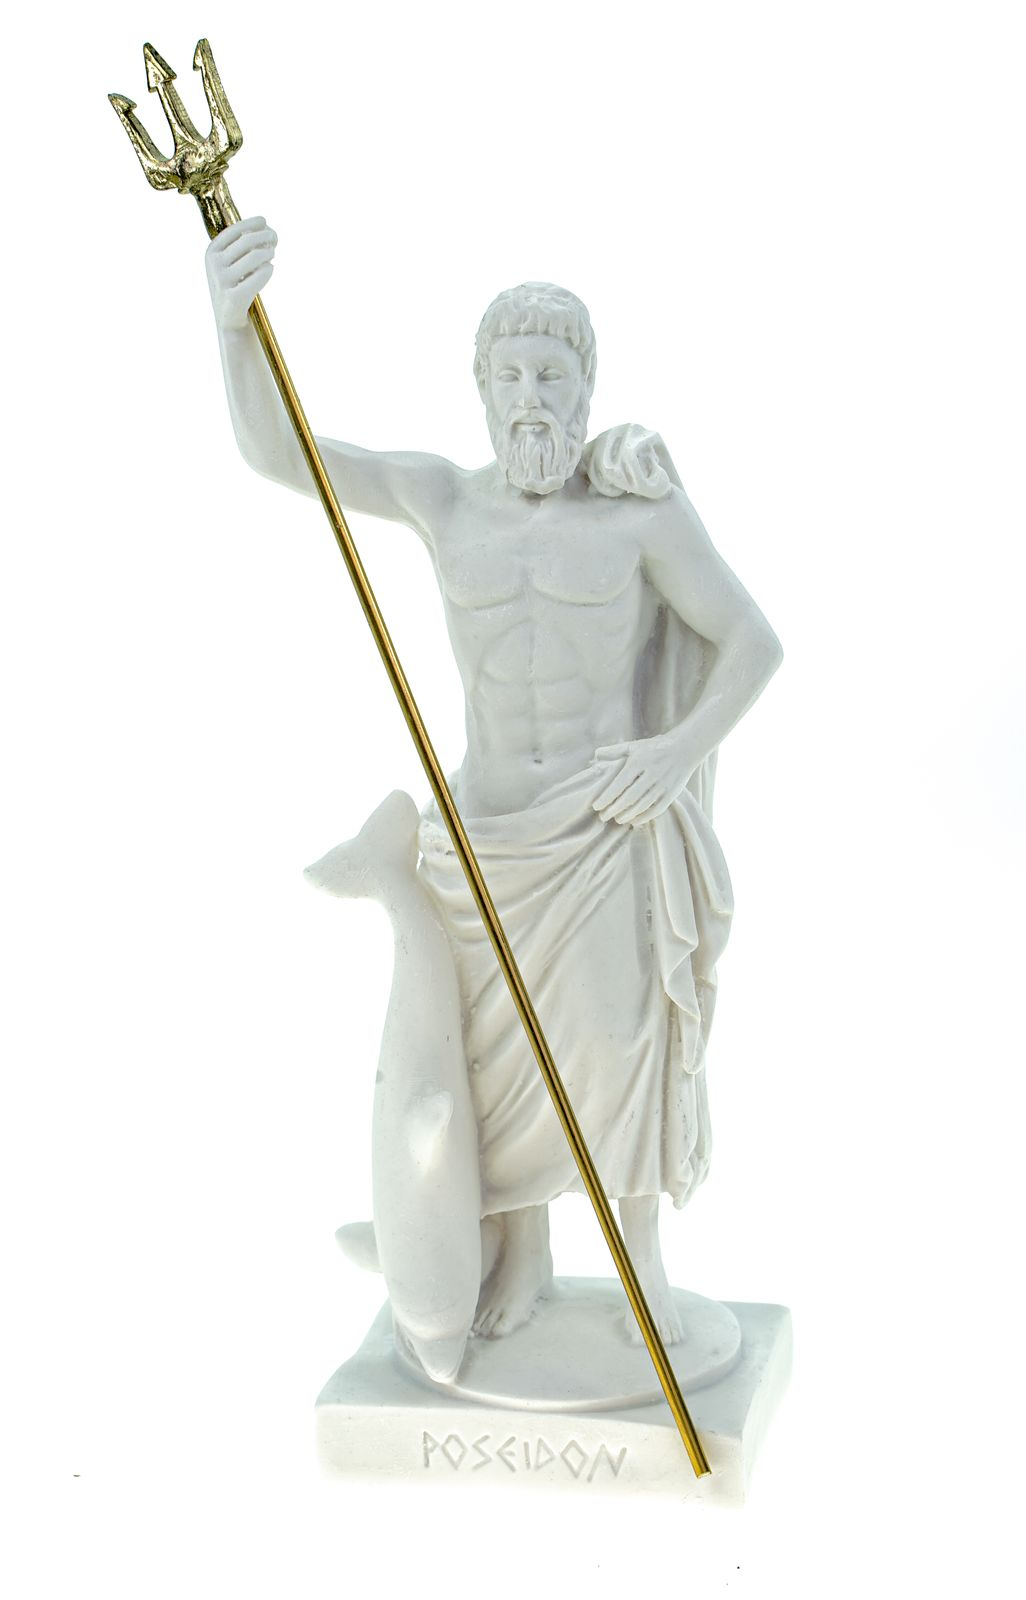 Maska 3-784W Poseidon Alabaster White Serie G/ötter 16 cm